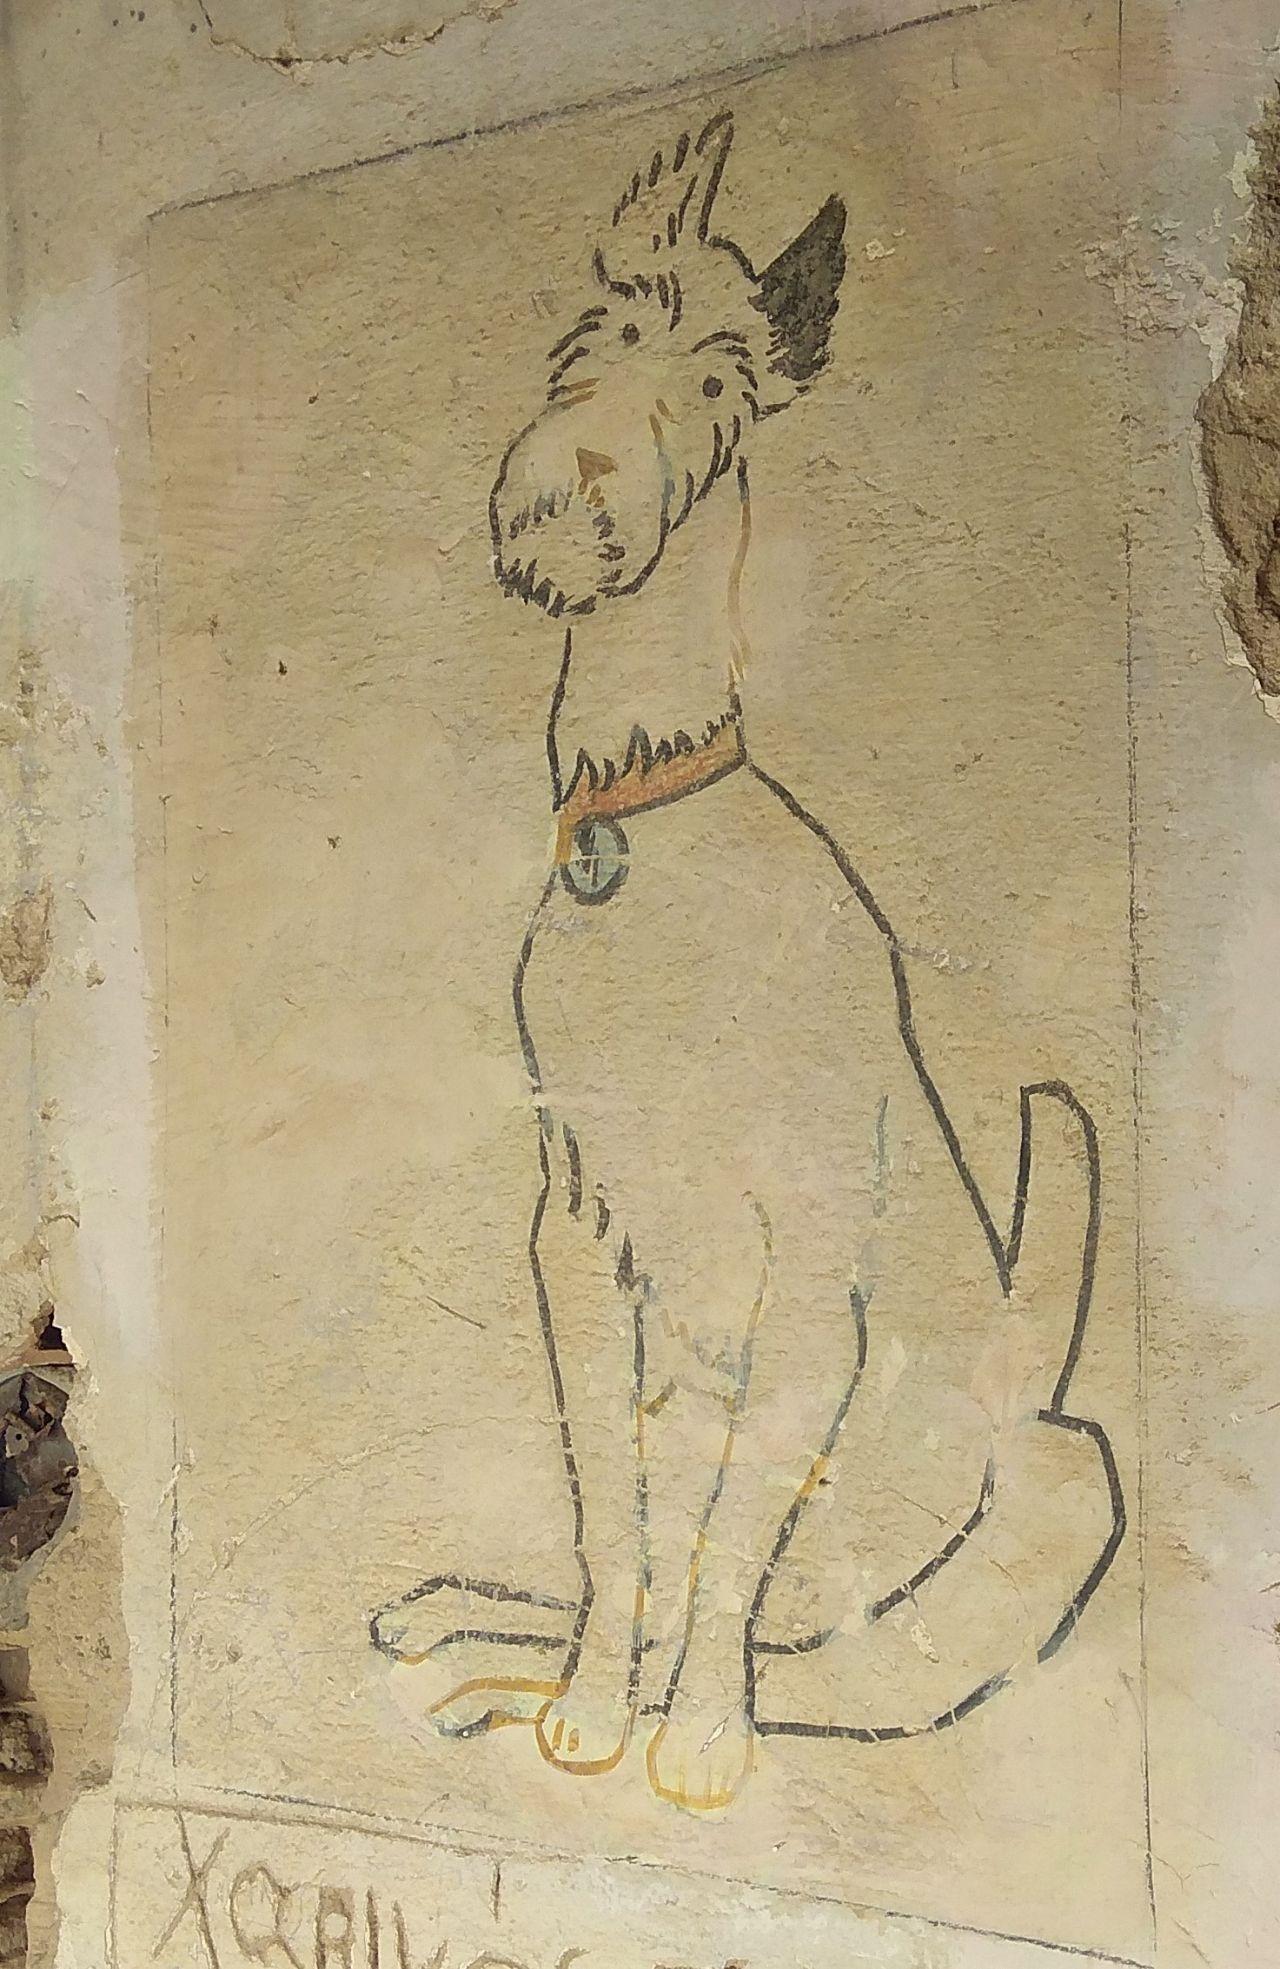 Ο μικρόσωμος σκύλος που θυμίζει τον Μιλού